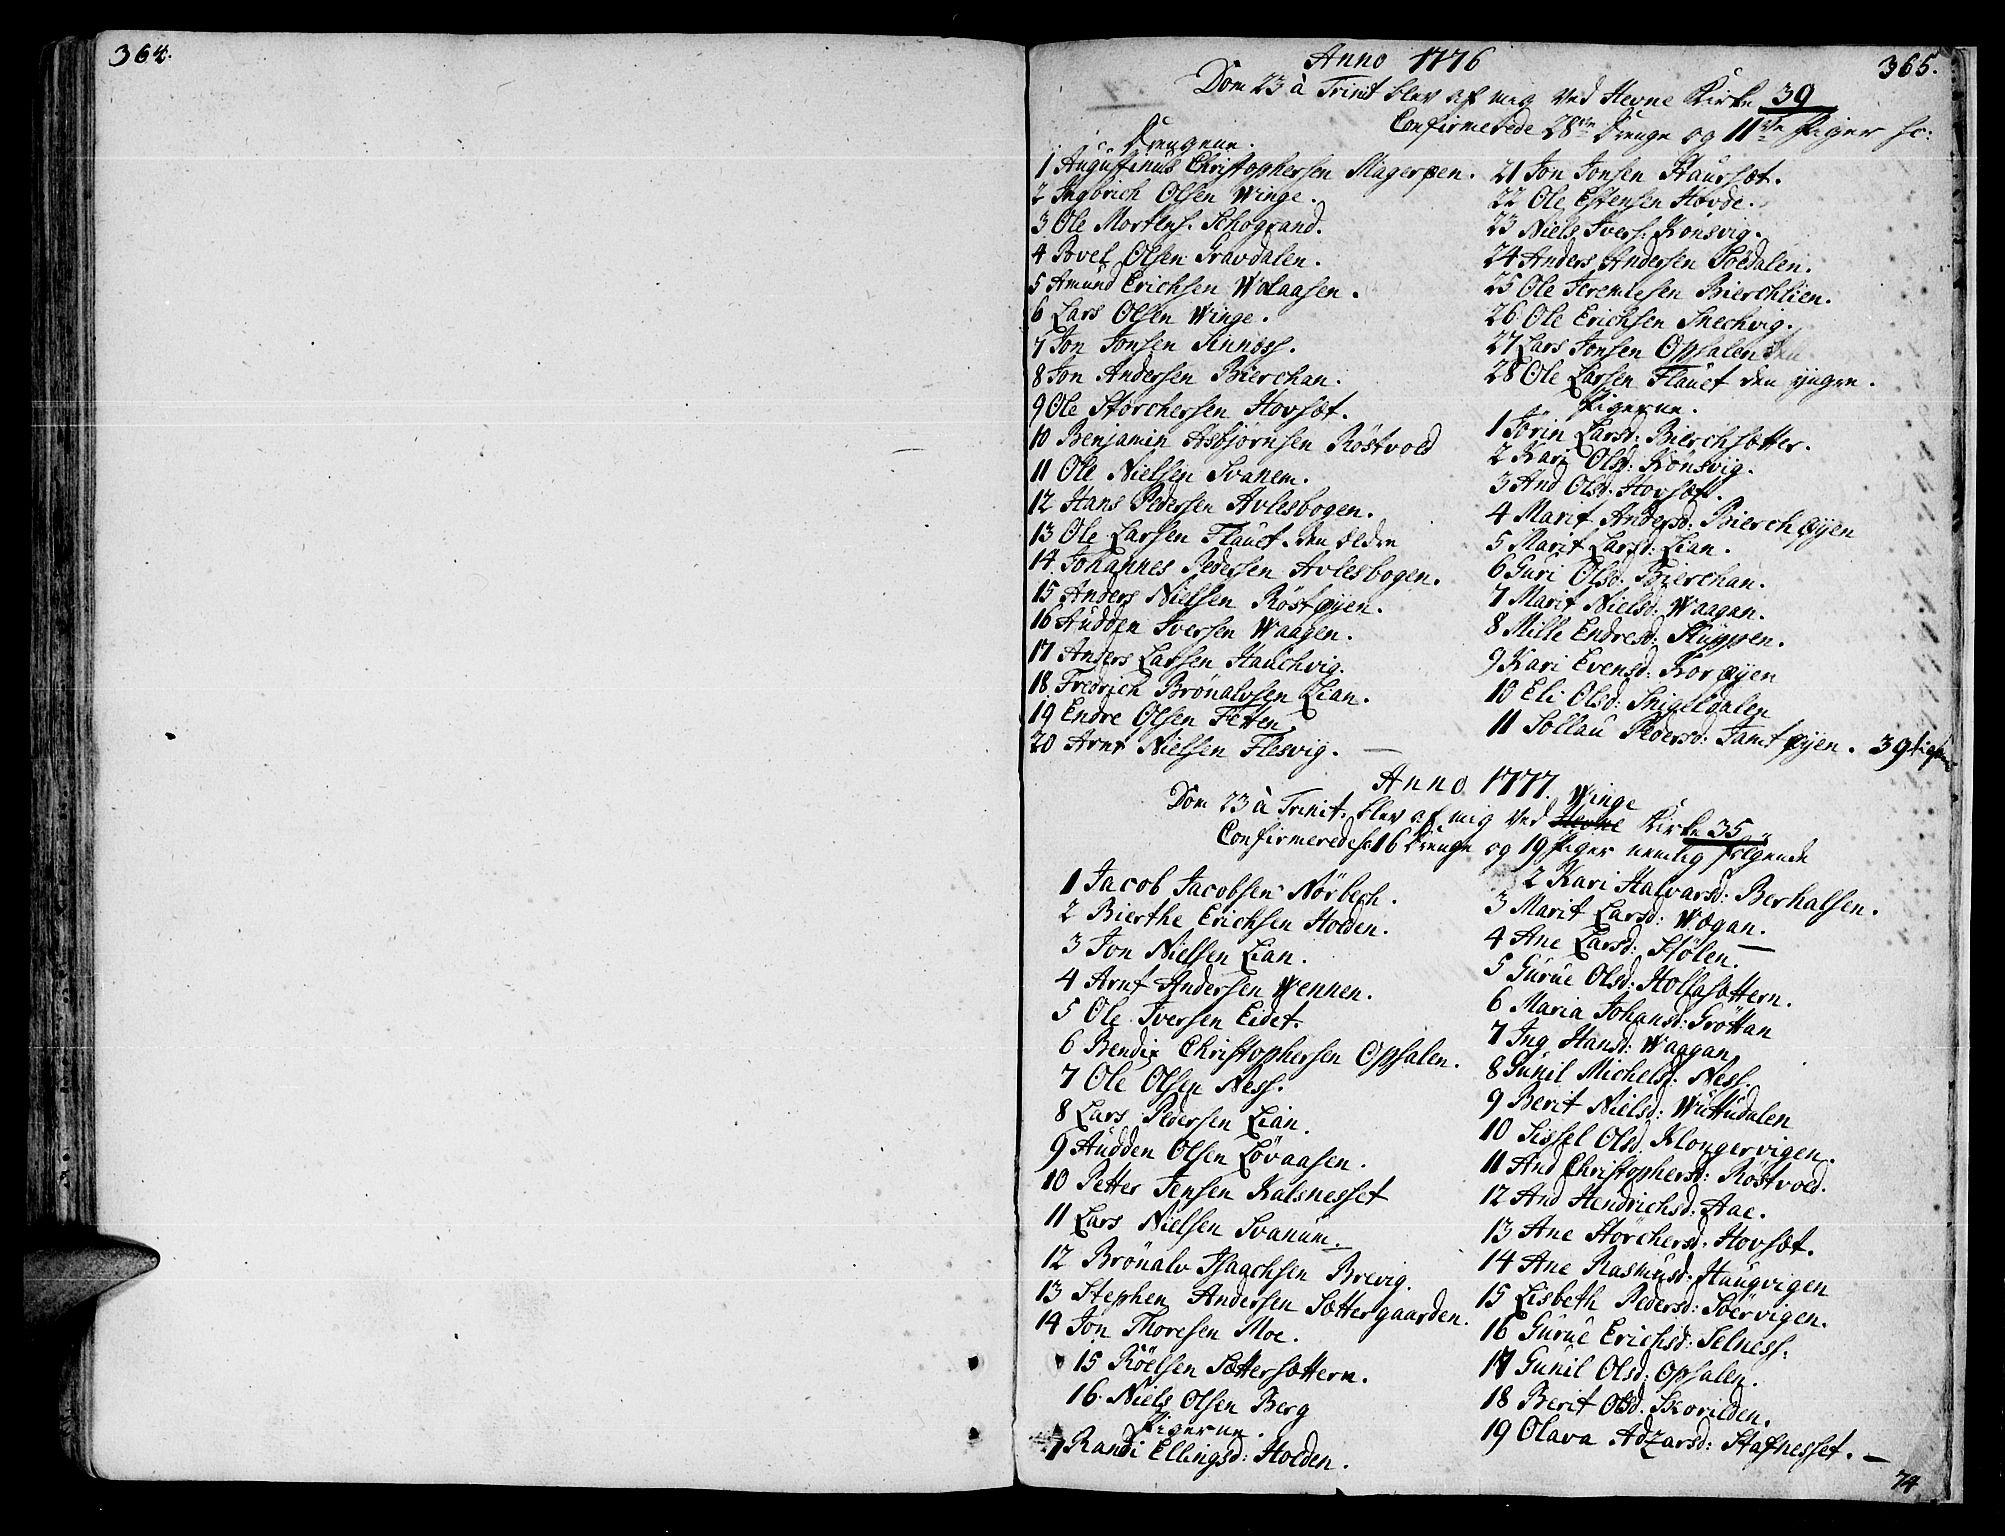 SAT, Ministerialprotokoller, klokkerbøker og fødselsregistre - Sør-Trøndelag, 630/L0489: Ministerialbok nr. 630A02, 1757-1794, s. 364-365